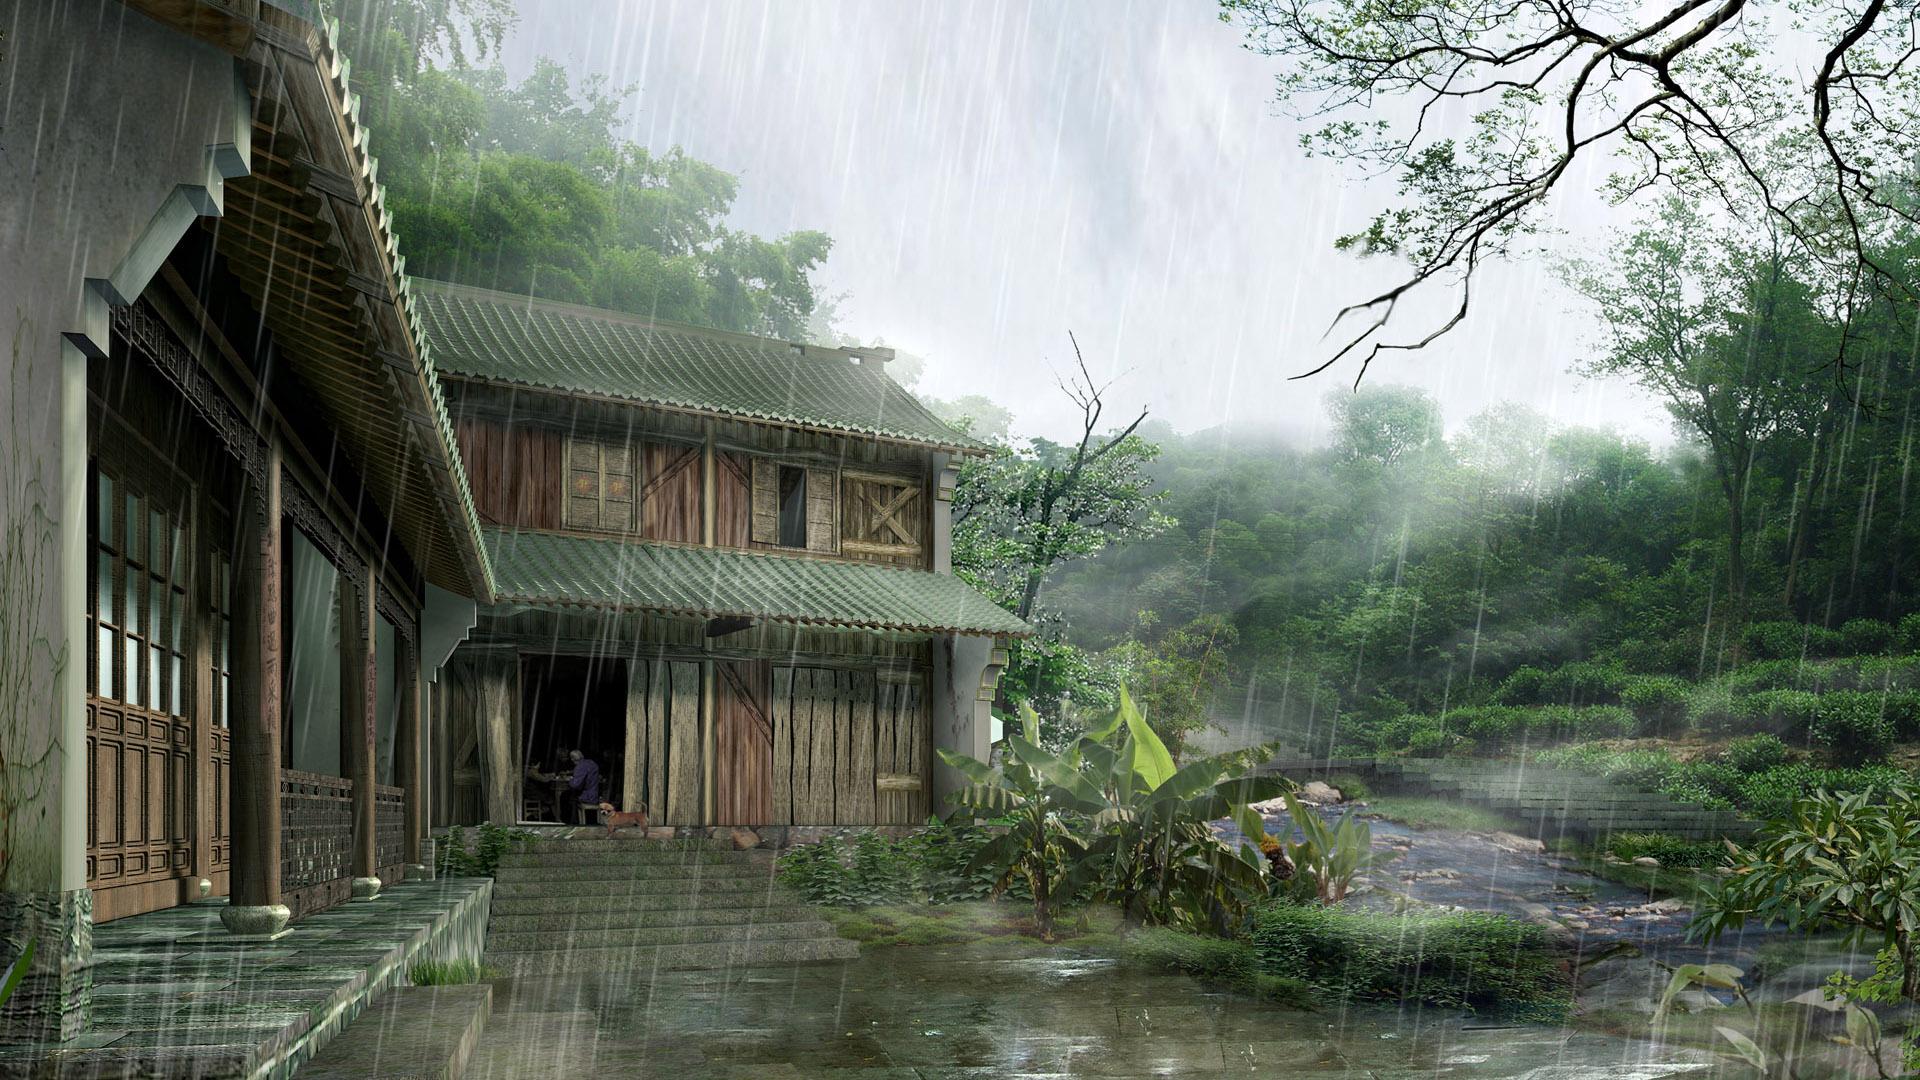 唯美意境雨滴风景高清桌面壁纸